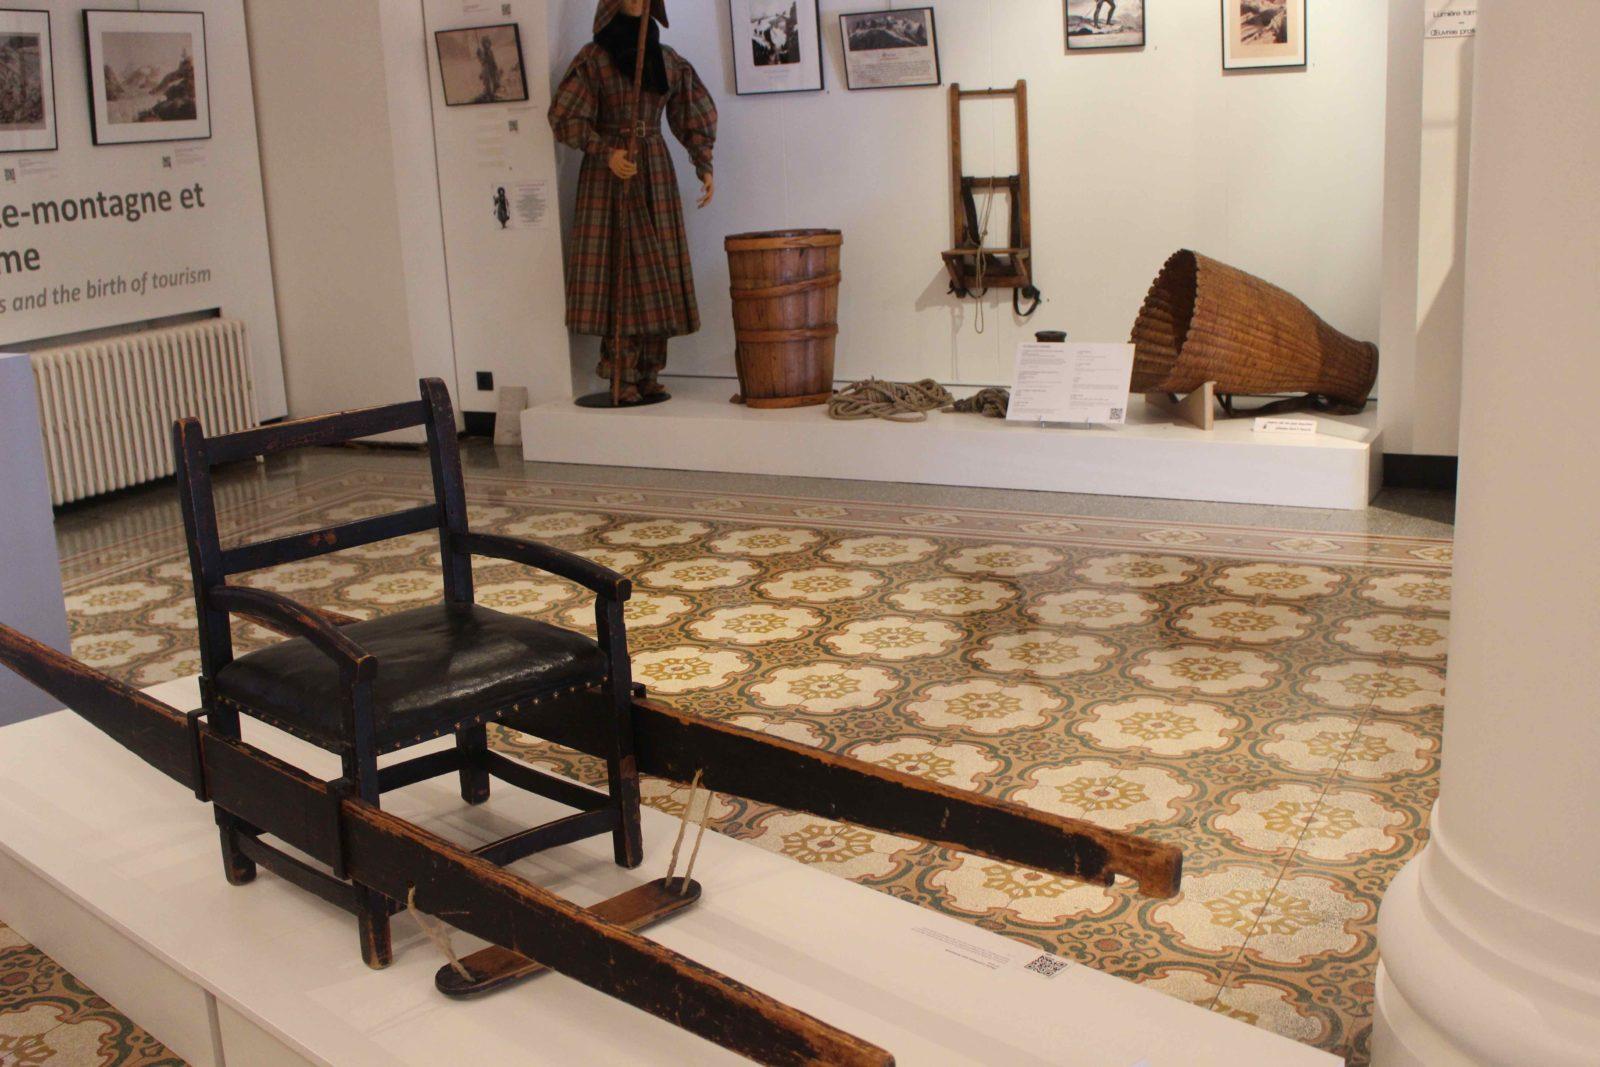 chaise à porteurs Musée Alpin Chamonix